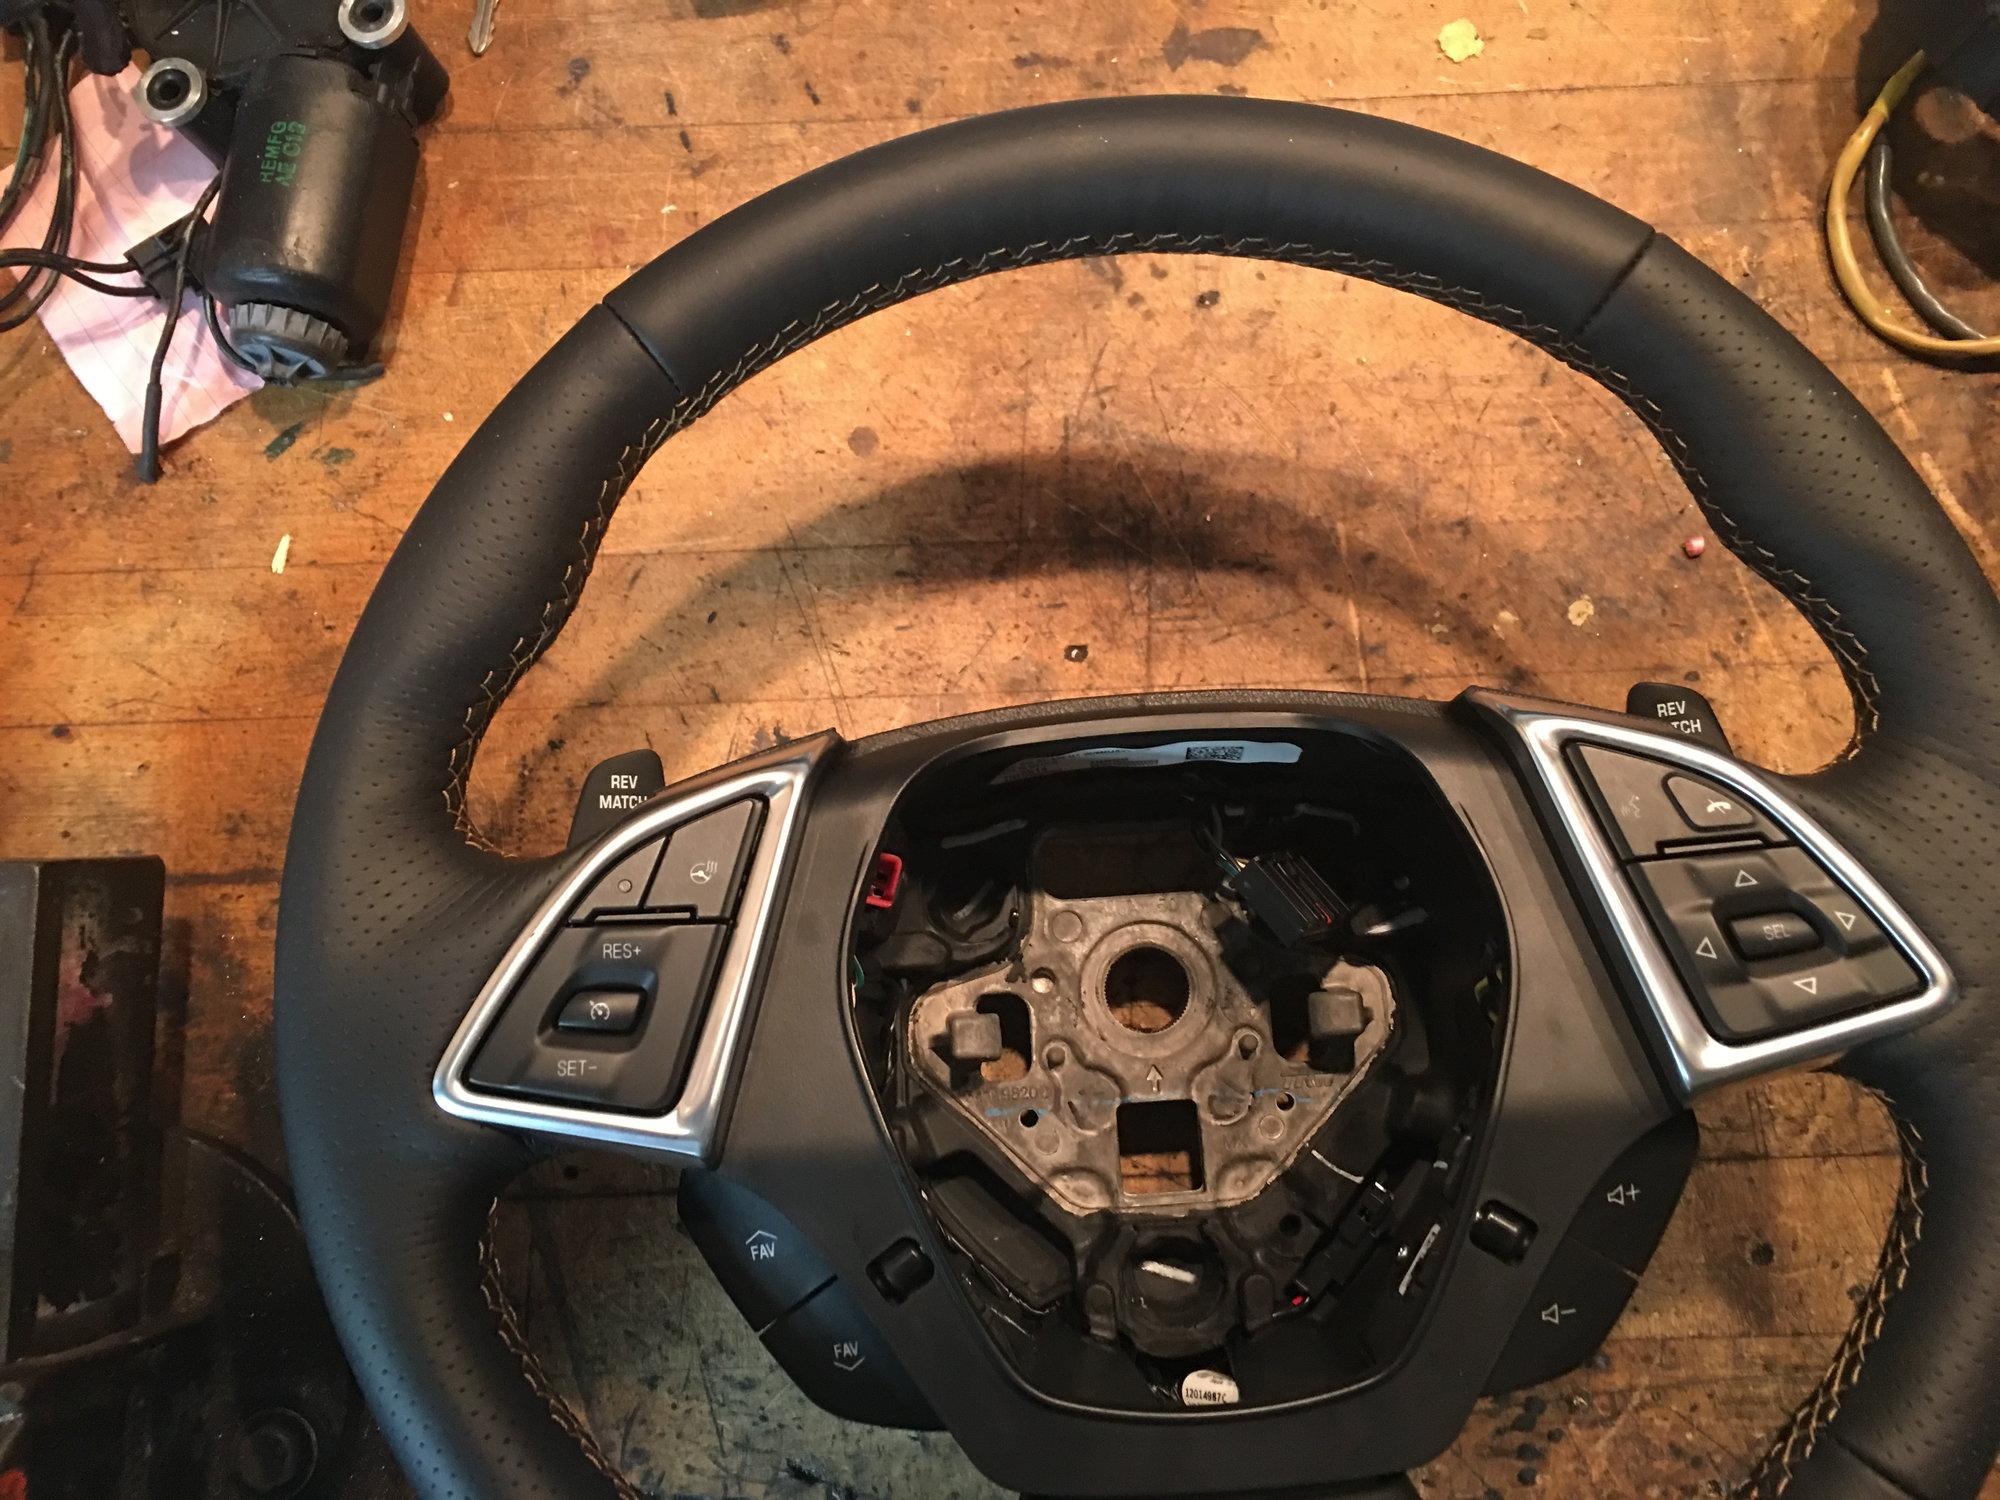 2016 Camaro Steering Wheel Wiring Diagram